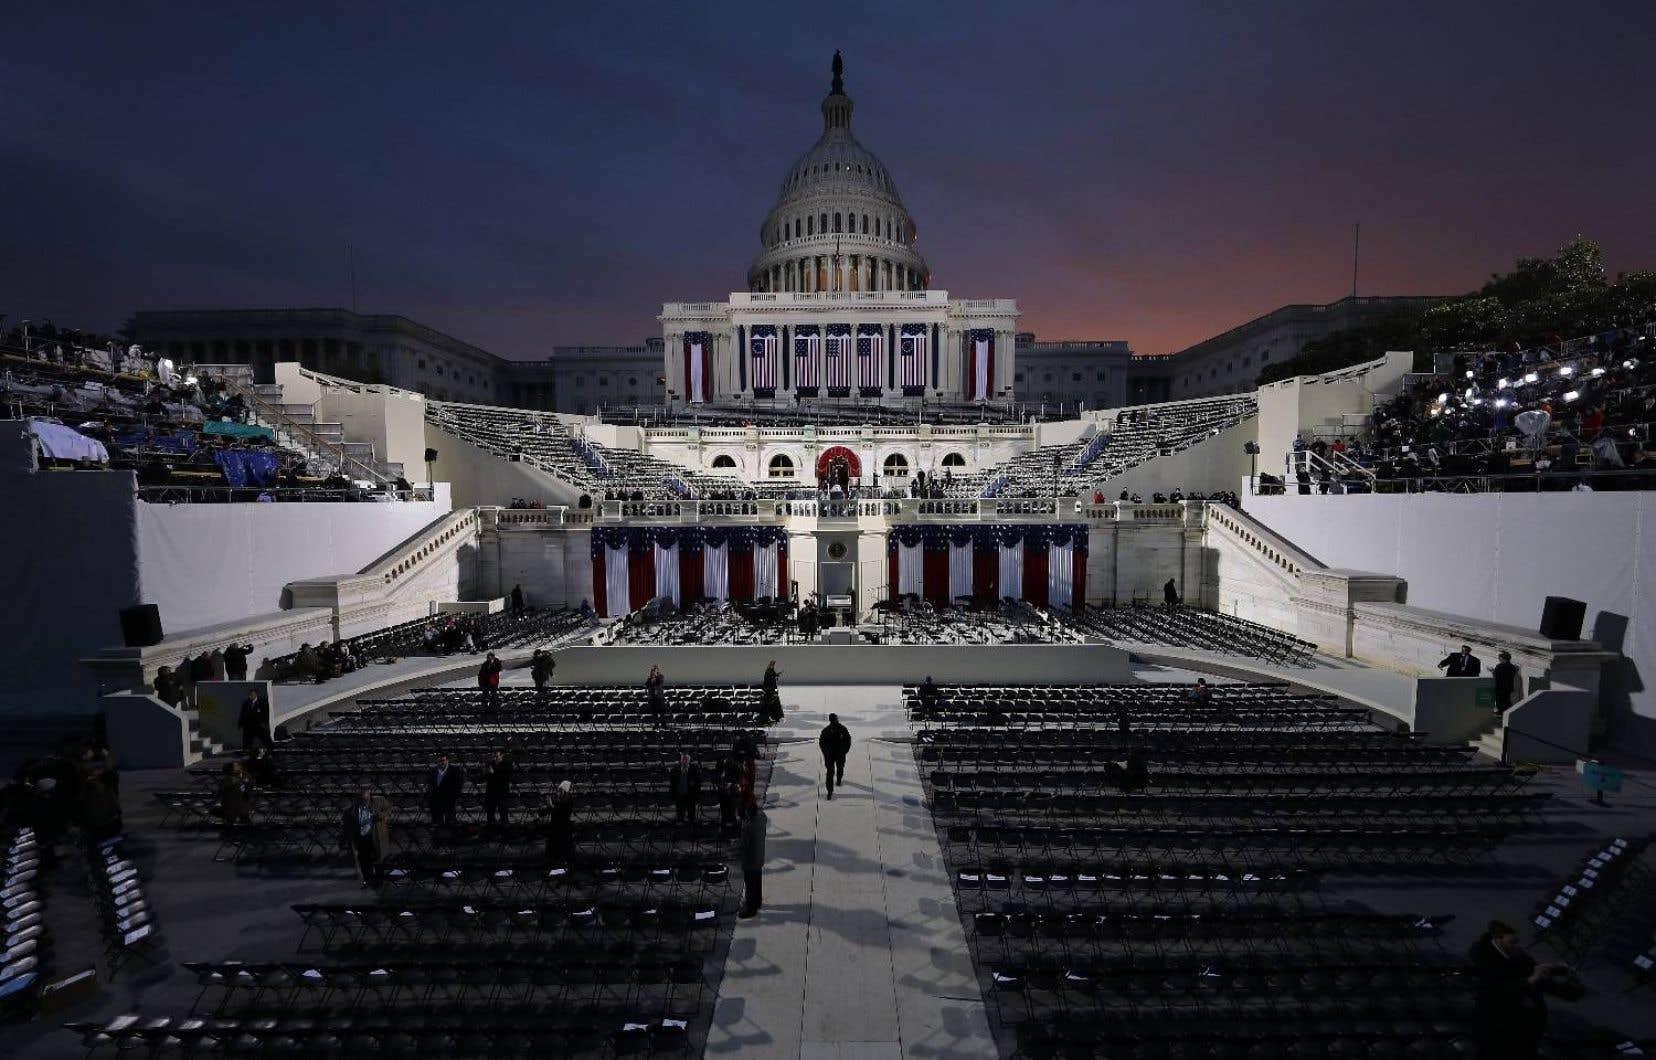 Le soleil se lève sur le Capitole, en plein cœur de Washington, D.C., quelques heures avant que Donald Trump prête serment et devienne le 45e président des États-Unis.